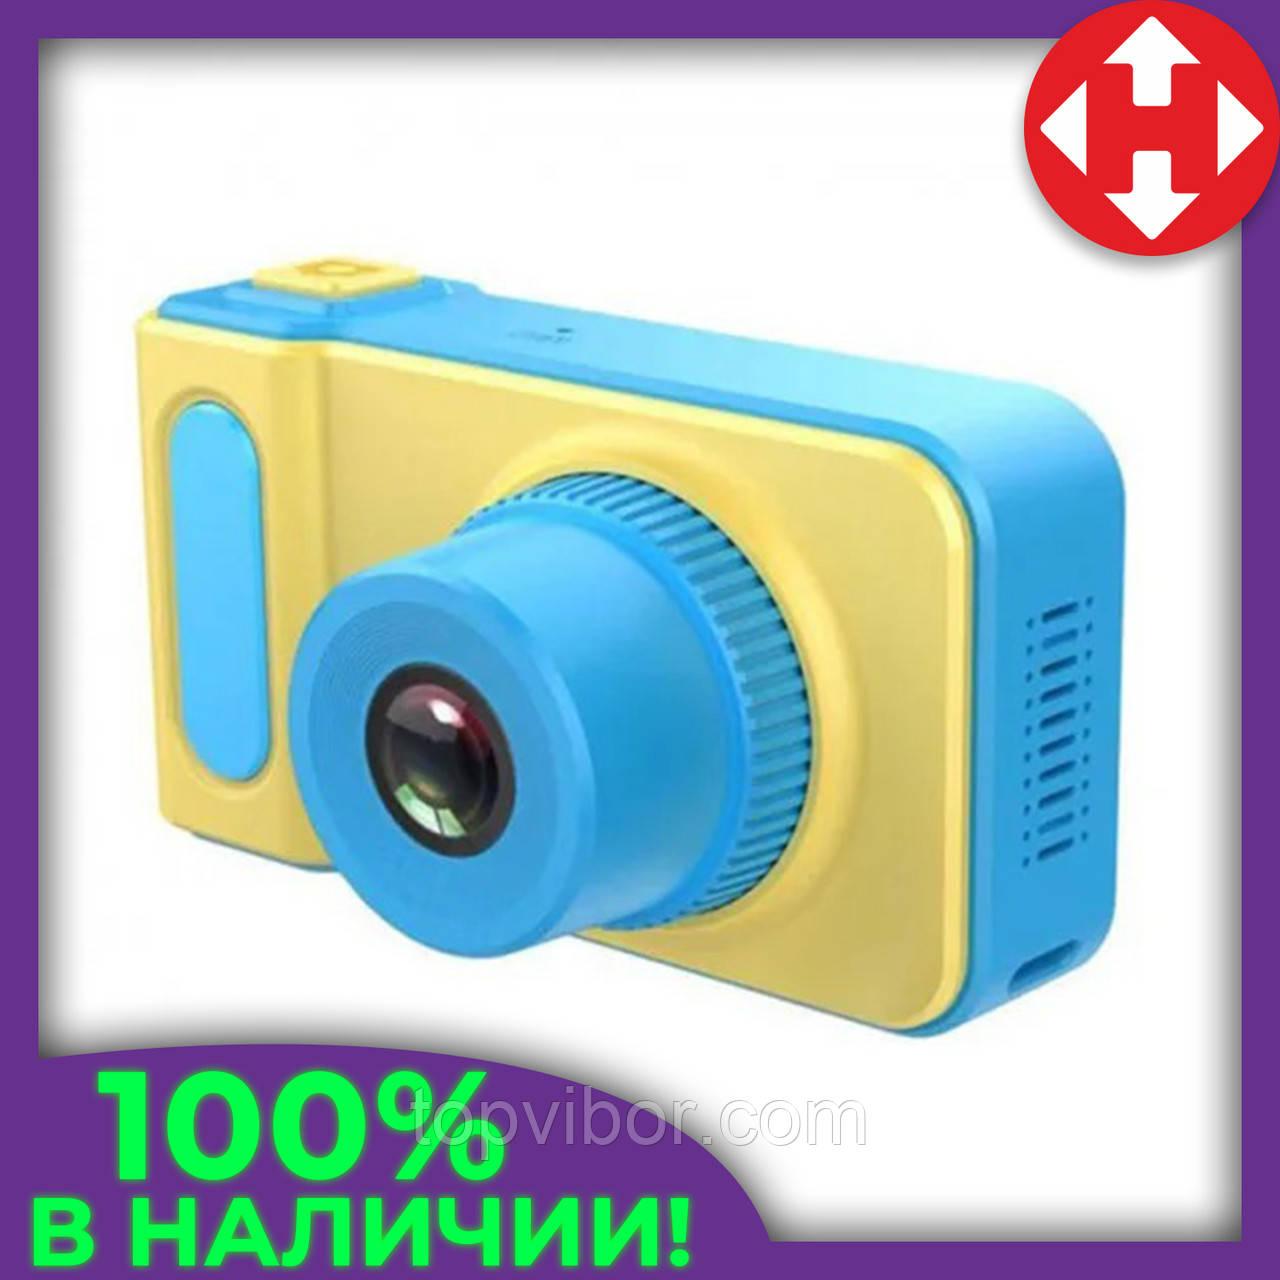 Распродажа! Детский цифровой фотоаппарат Summer Vacation Cam 3 mp фотоаппарат для ребенка, Жёлто-голубой